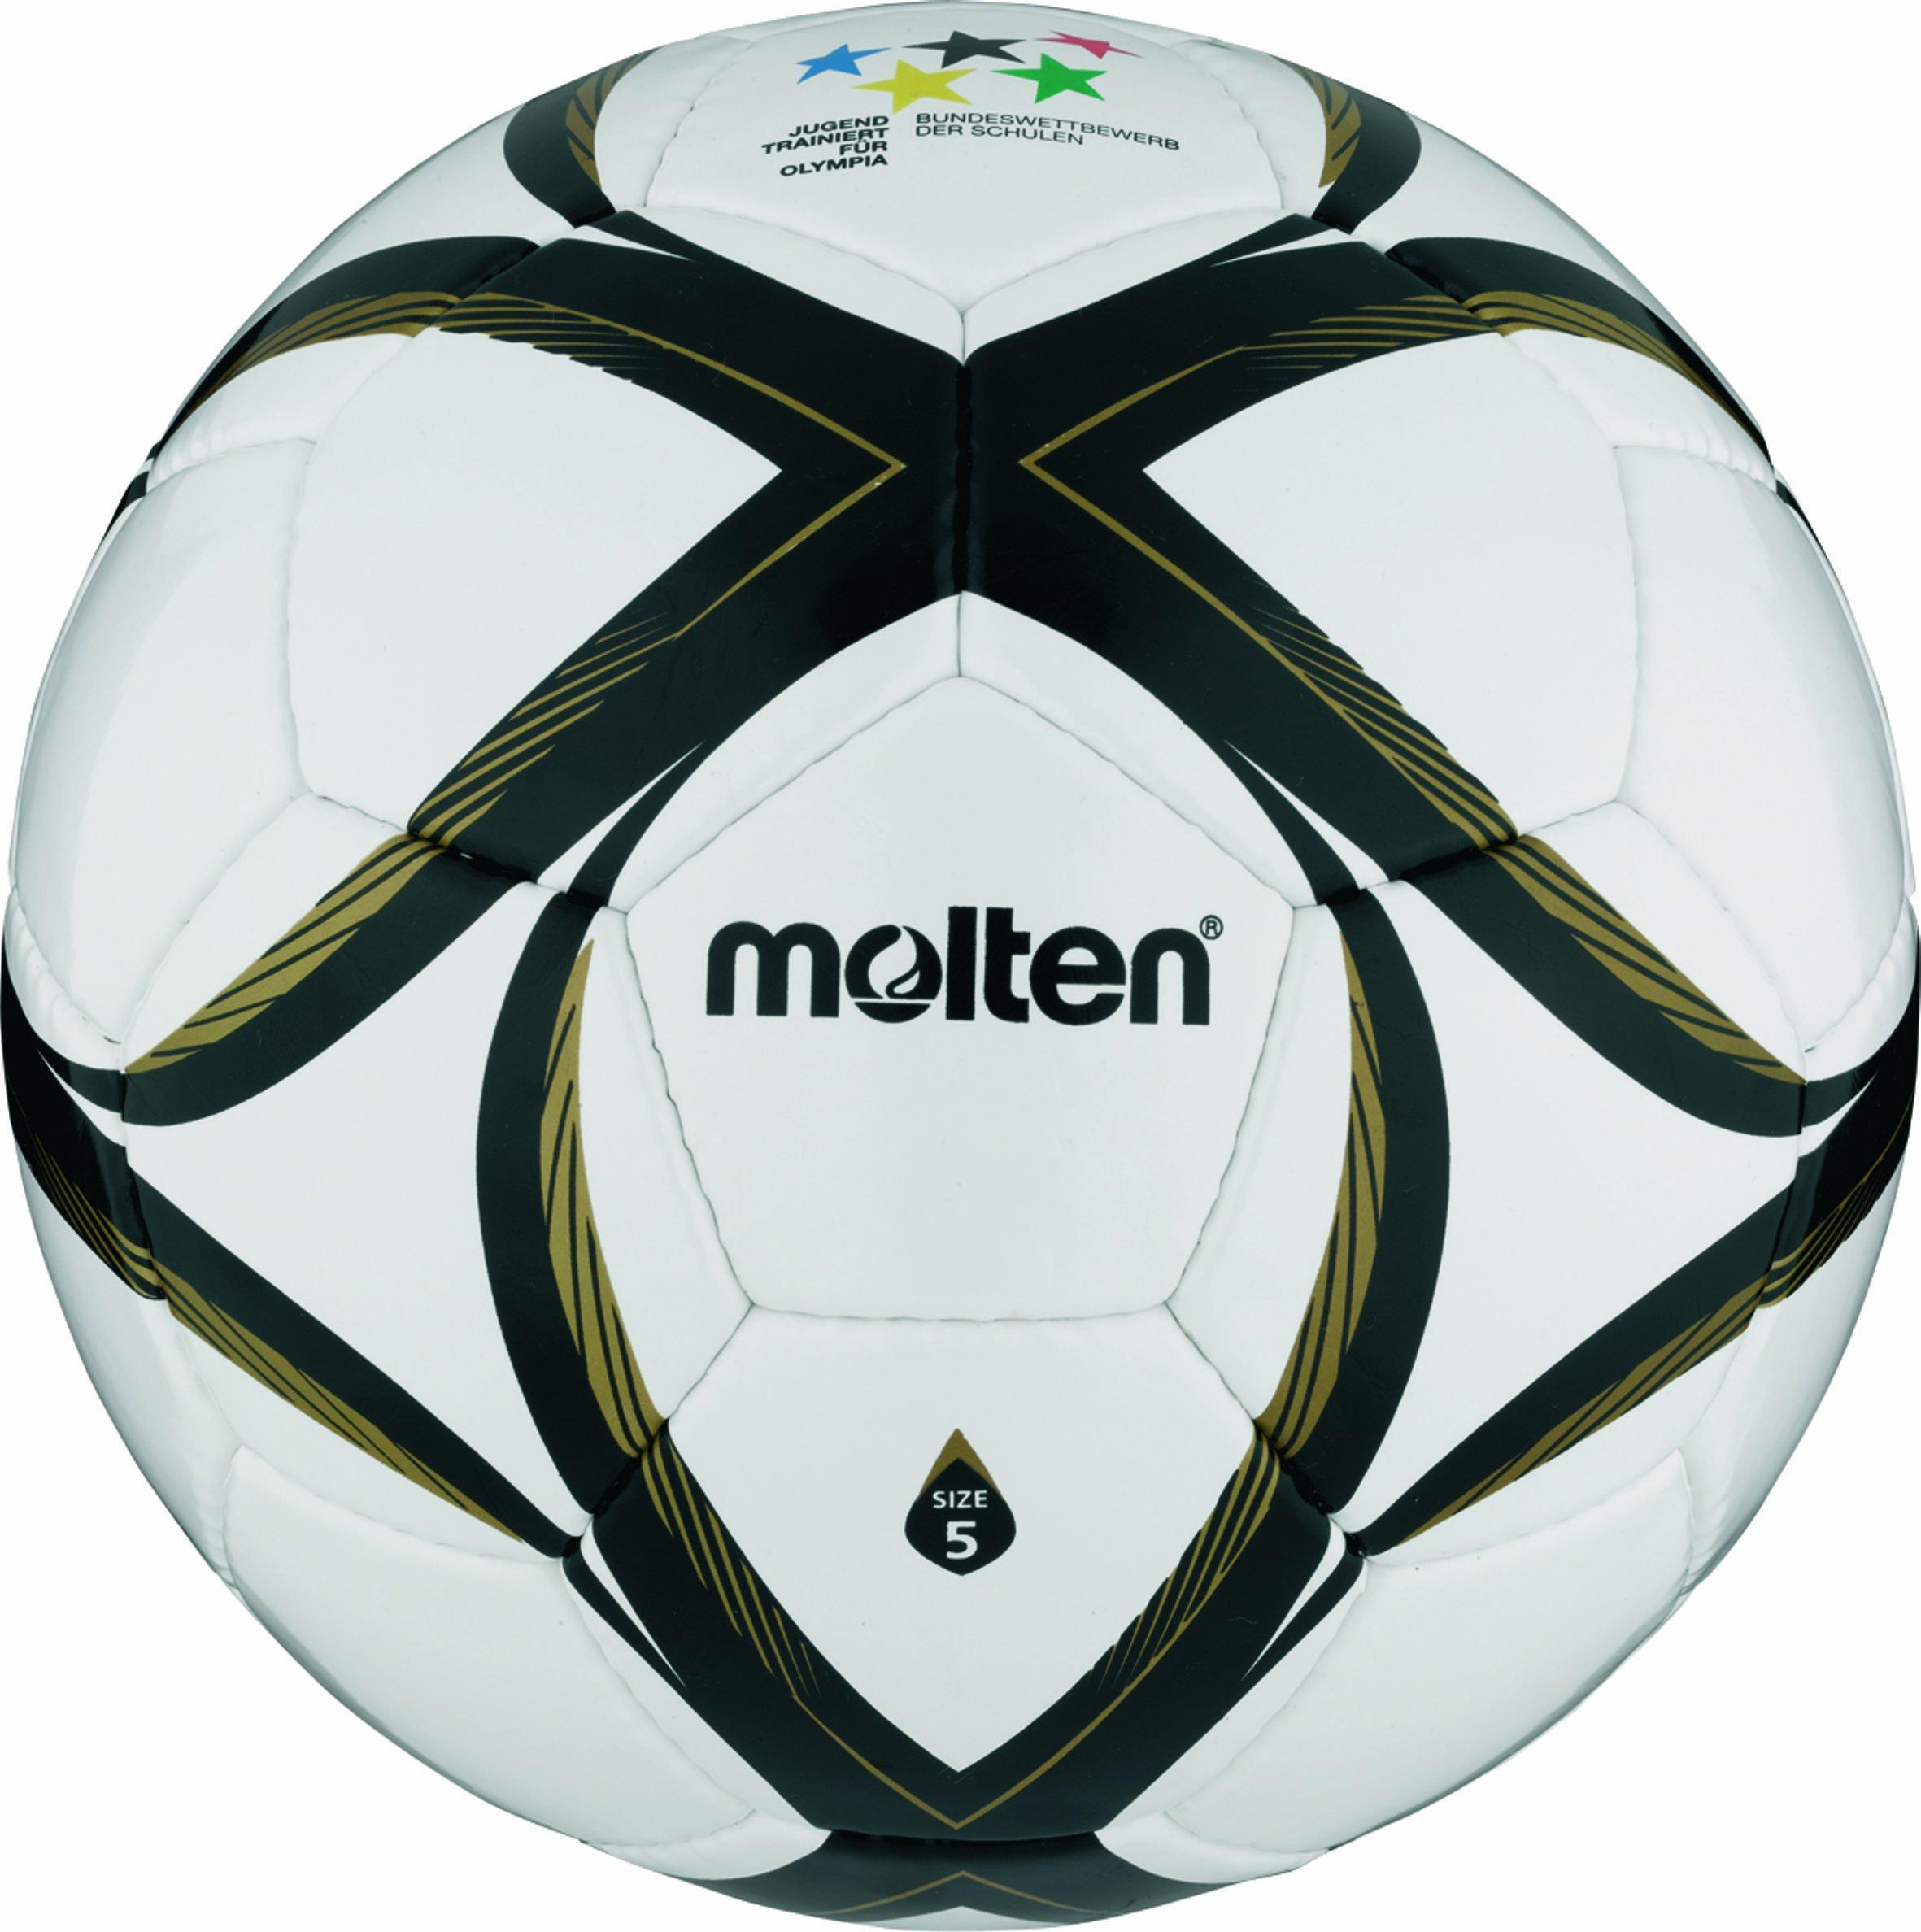 Molten - FXSM, Pallone da calcio, colore: Bianco/Nero/Oro